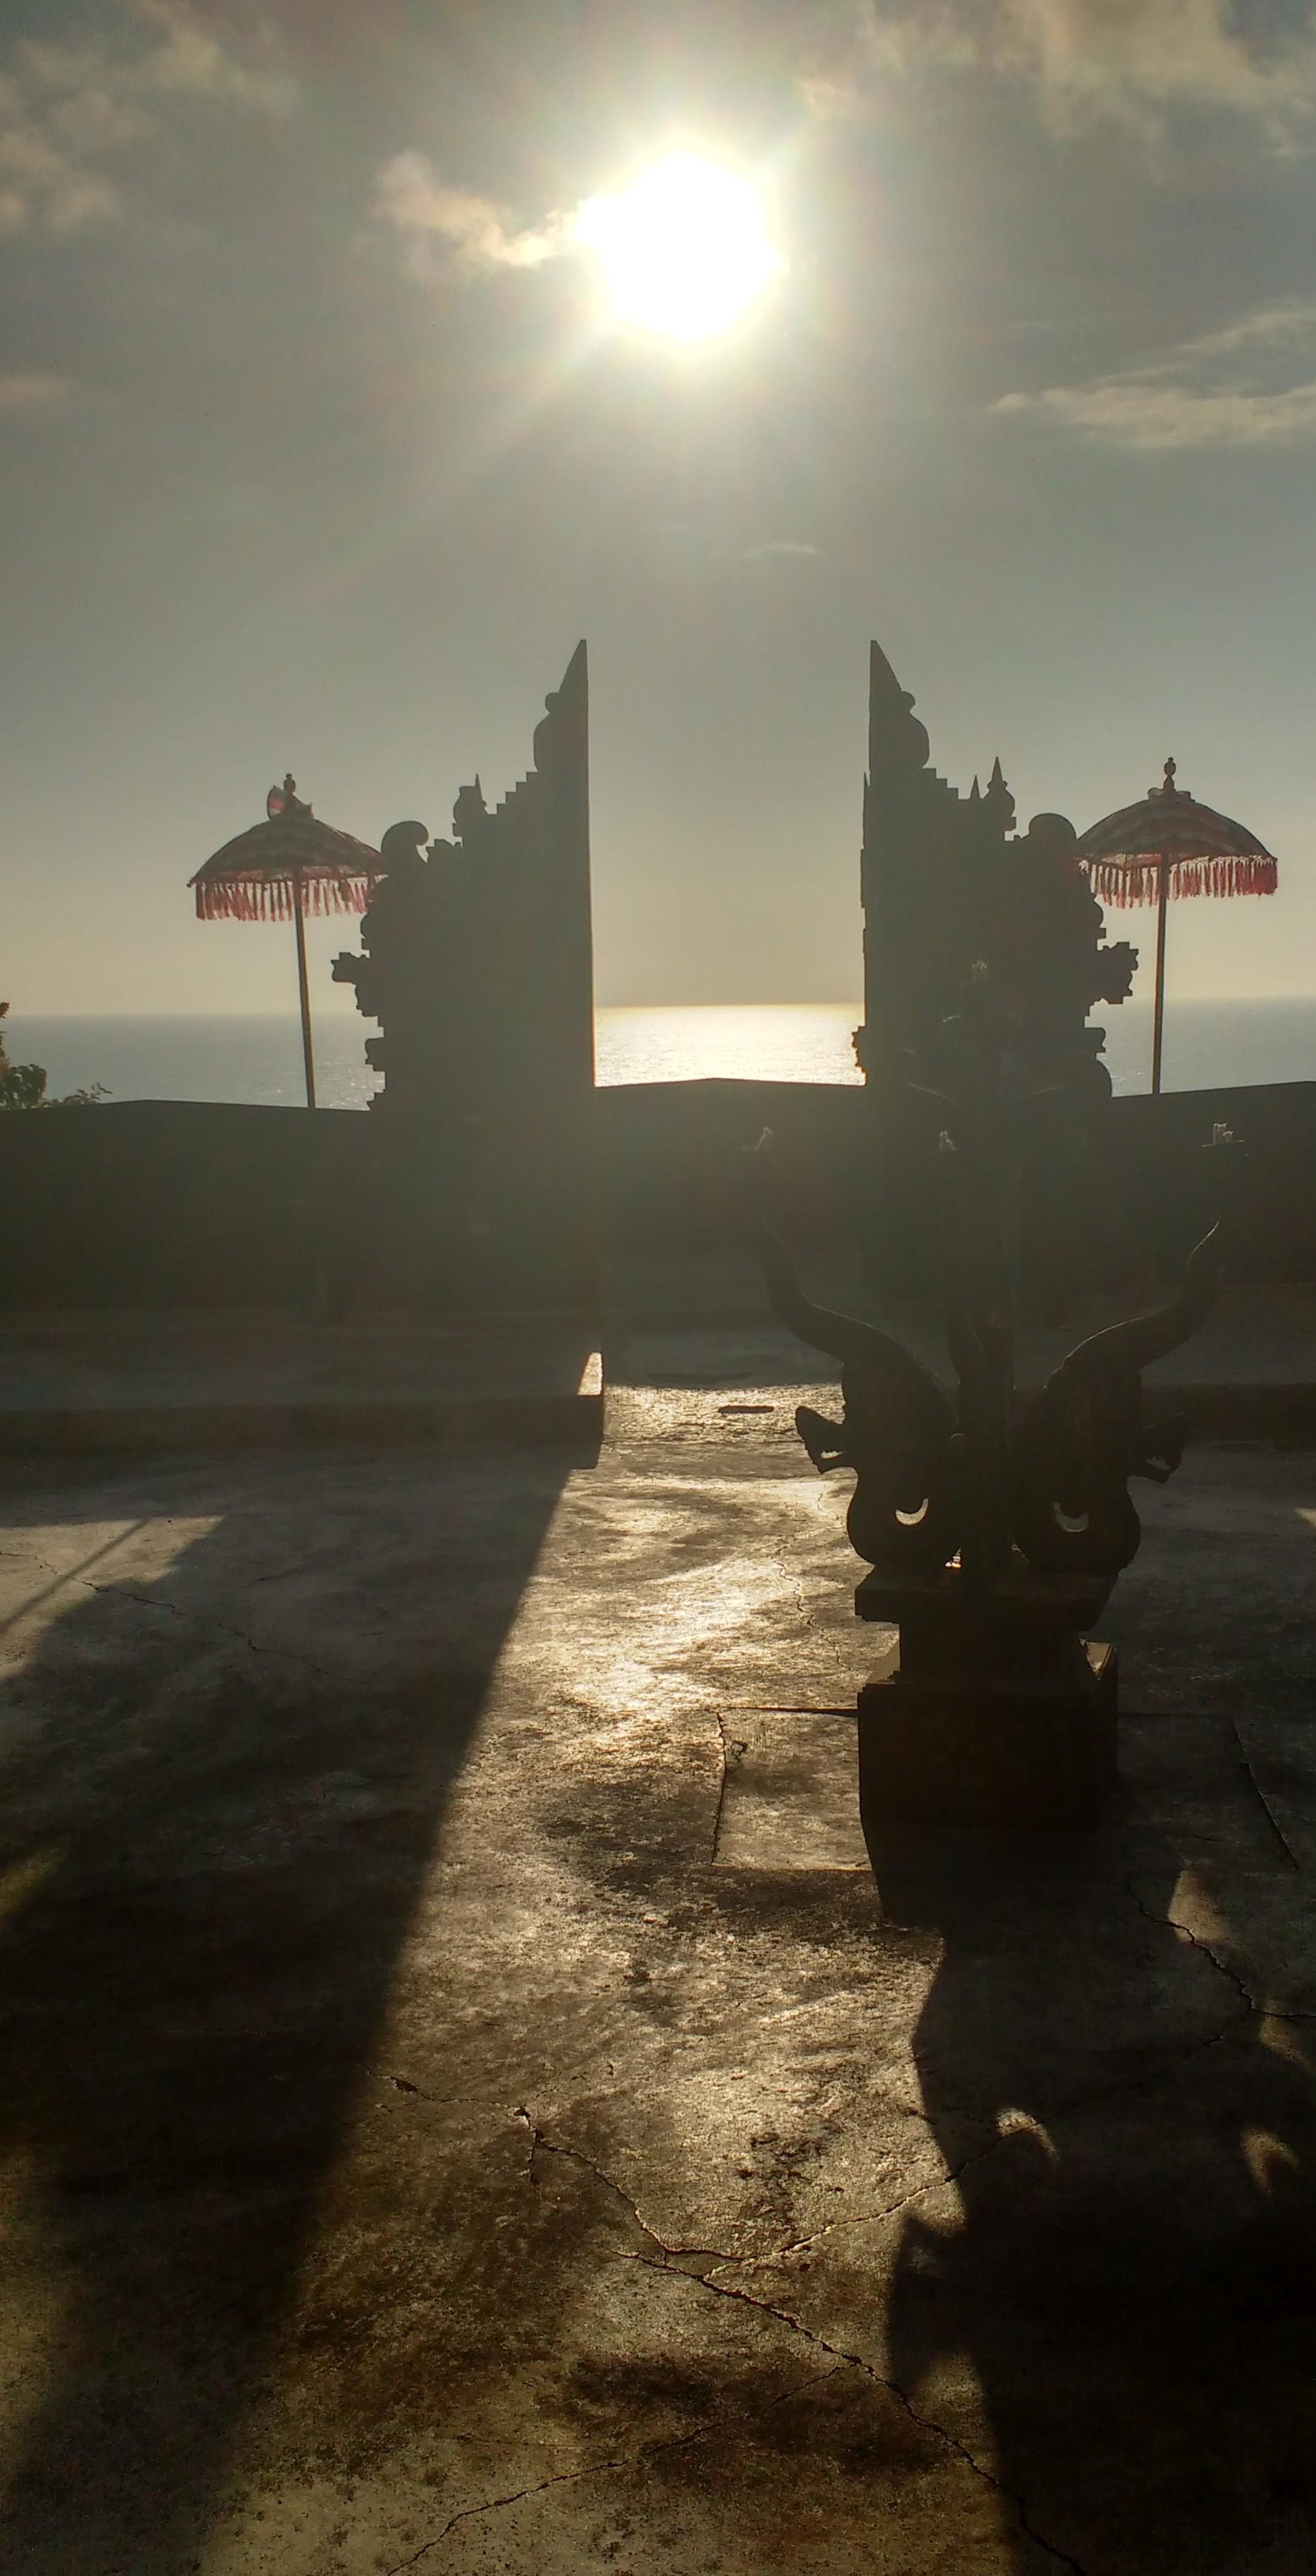 ഉലുവട്ടുവിലെ കെച്ചക് നൃത്തവേദിയിലെ കവാടം